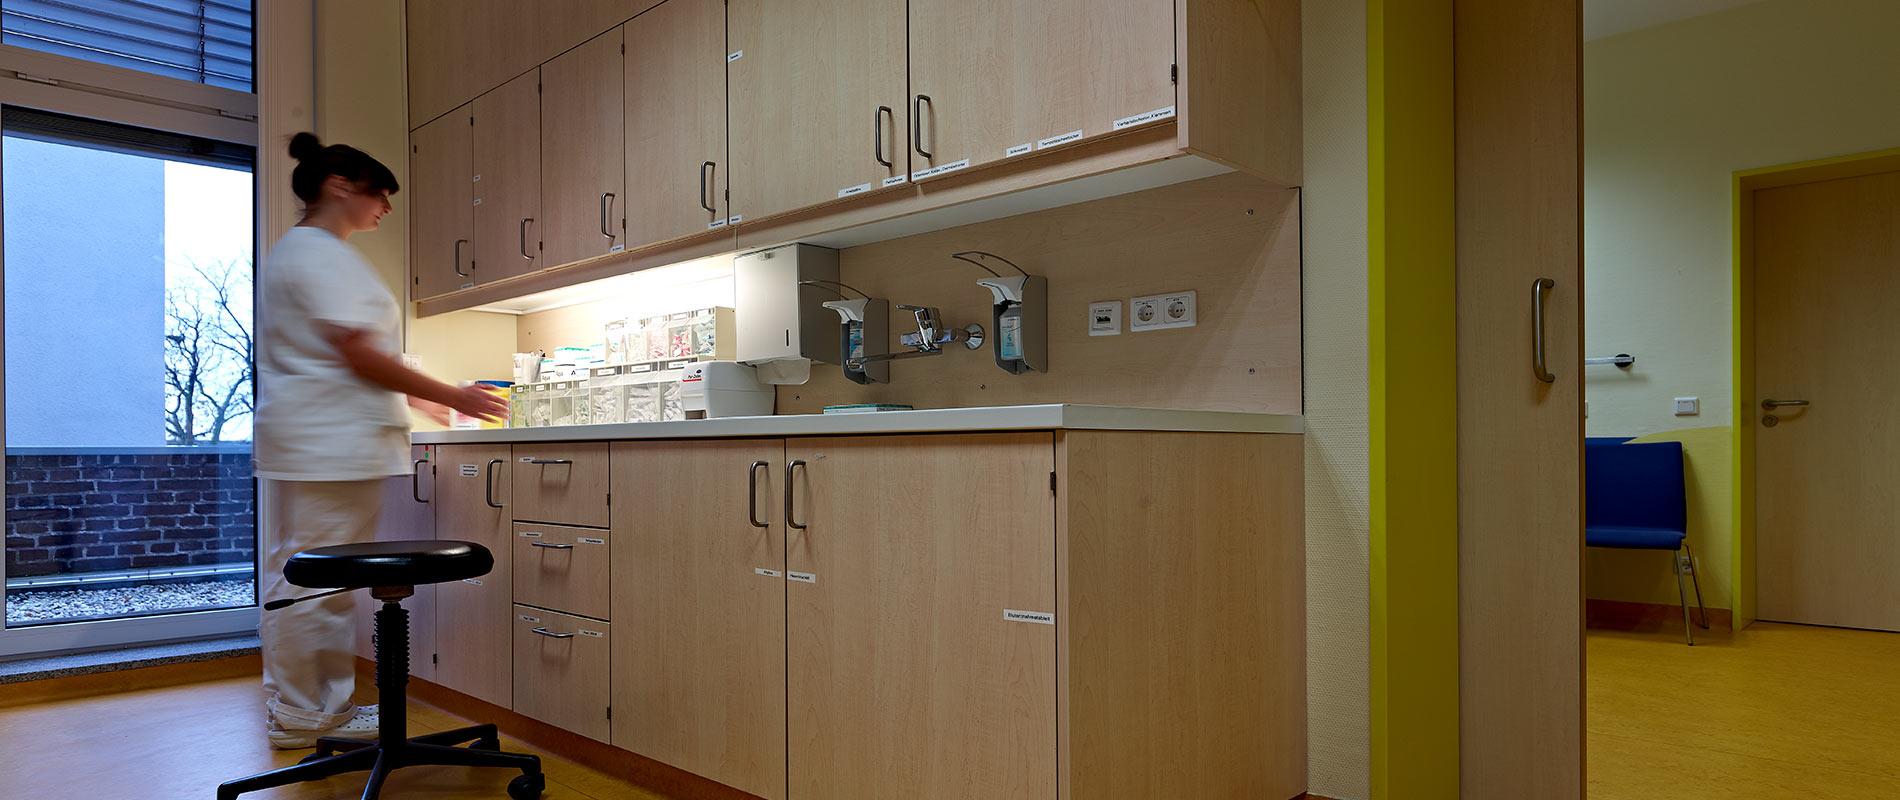 euregio-klinik-empfang-schwesterndienstplatz_rosink-objekteinrichtungen